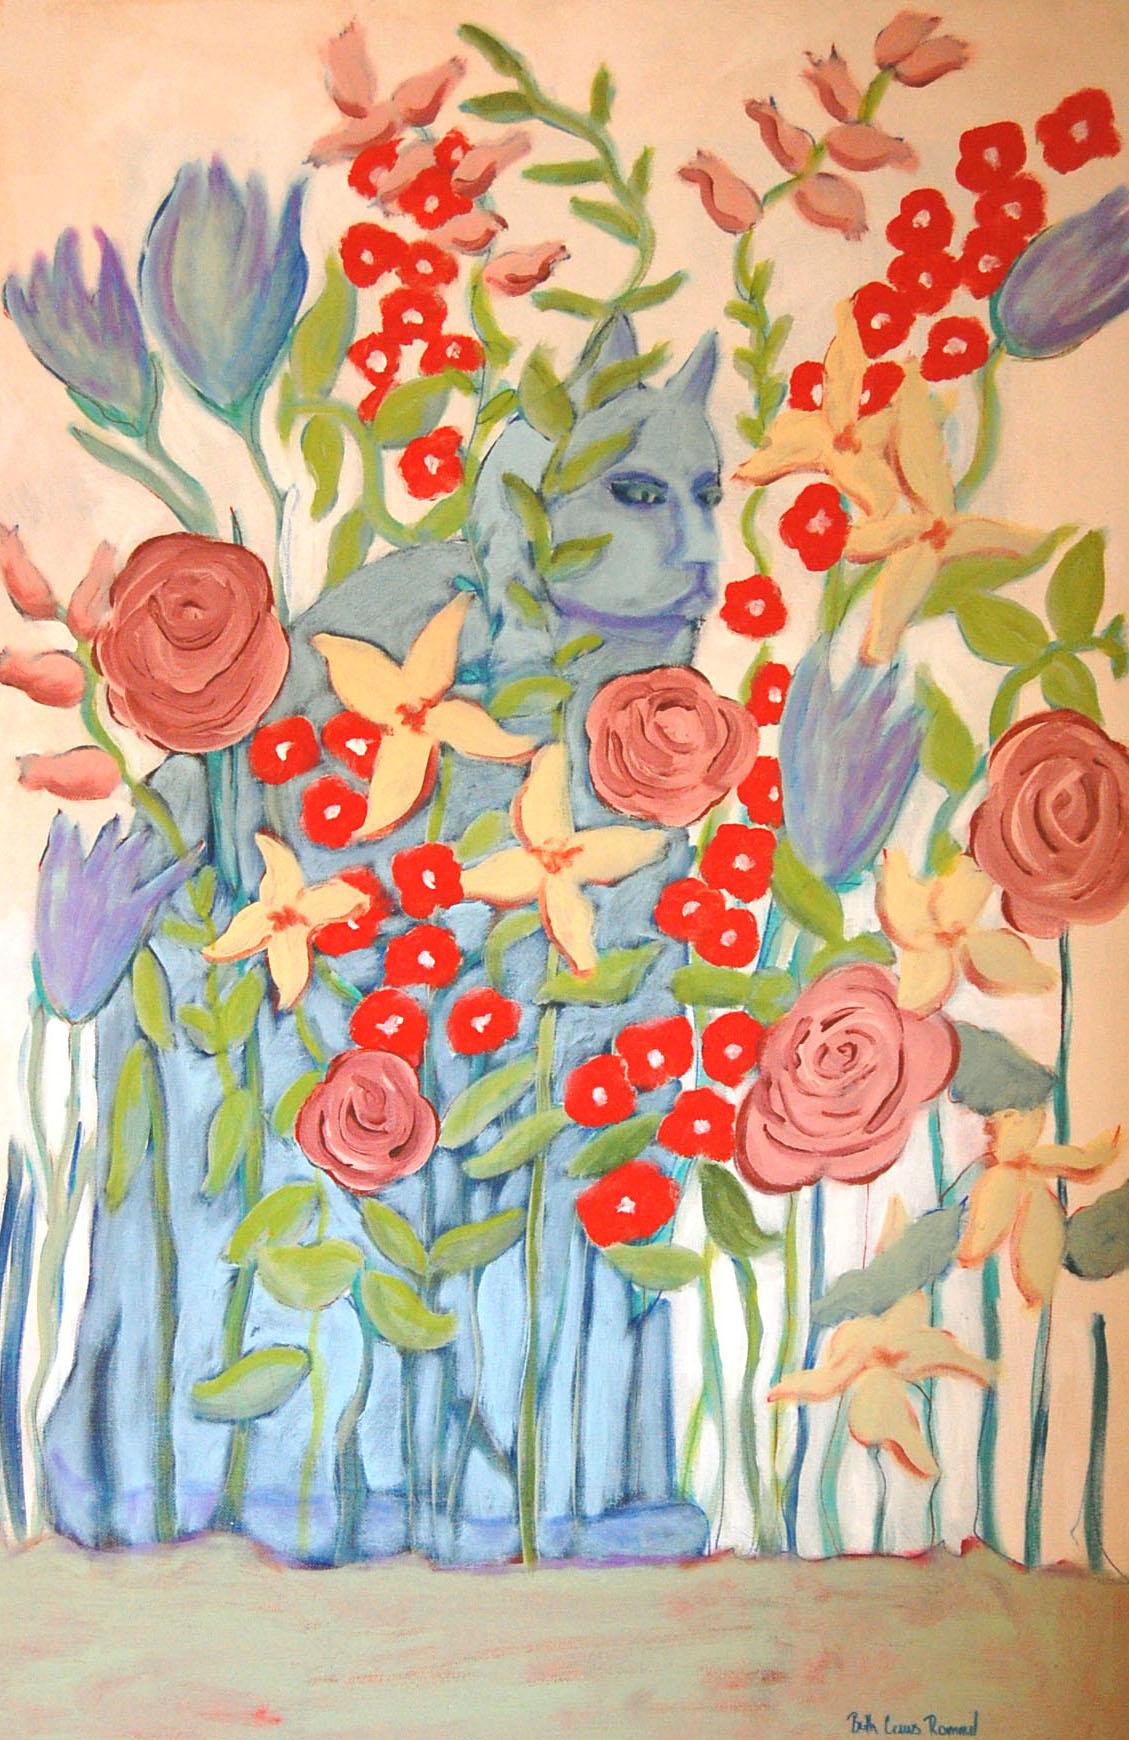 cat, flowers. still life, folk art, painting, art